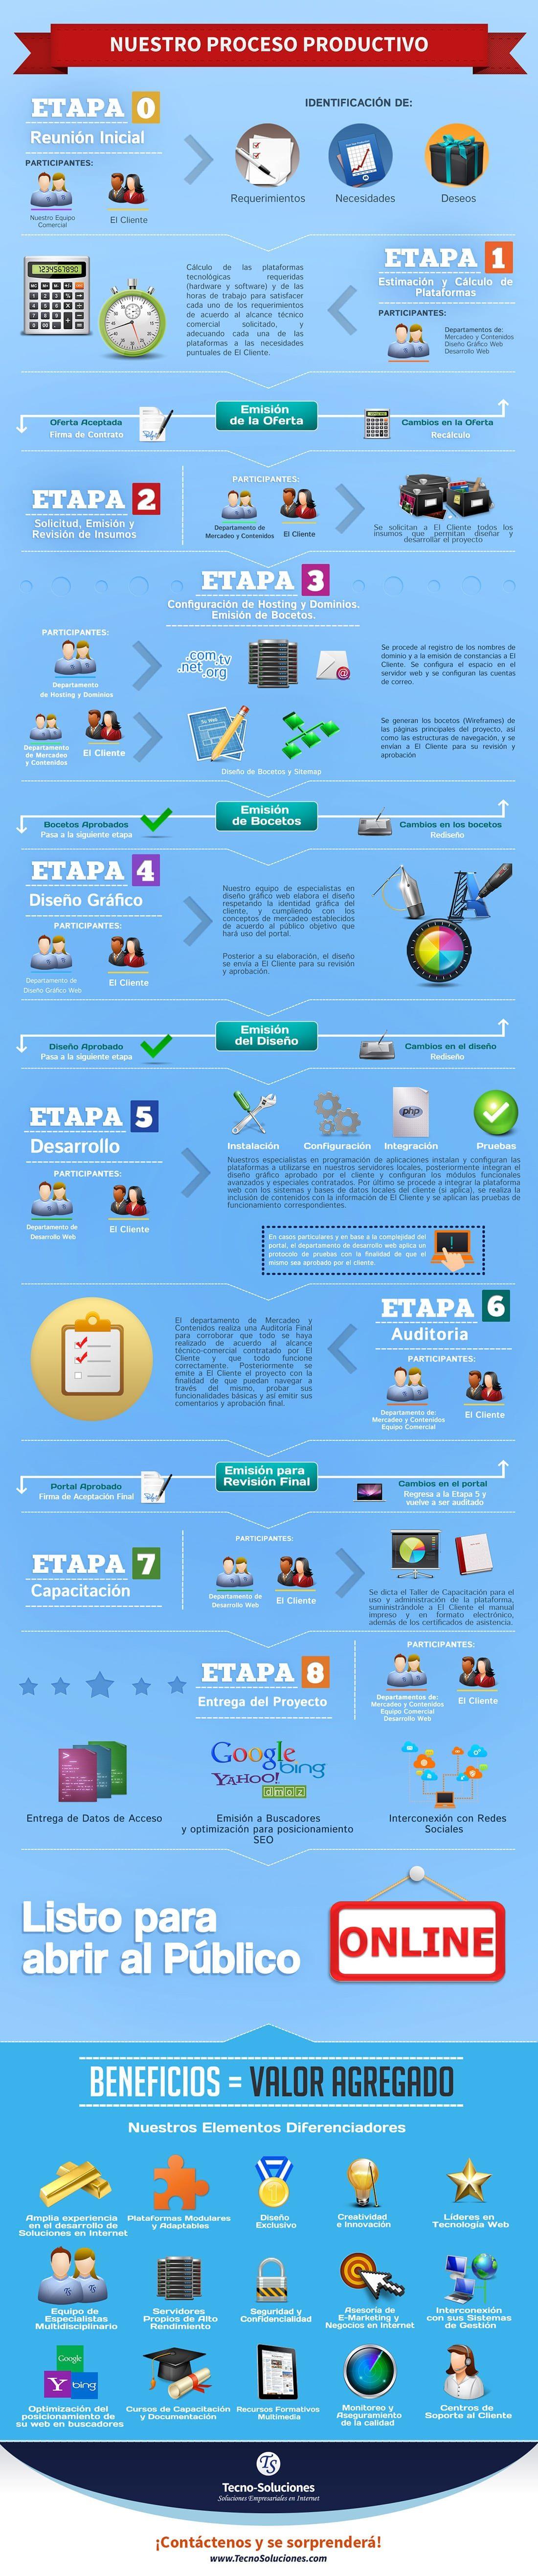 Nuestro Proceso Productivo - TecnoSoluciones